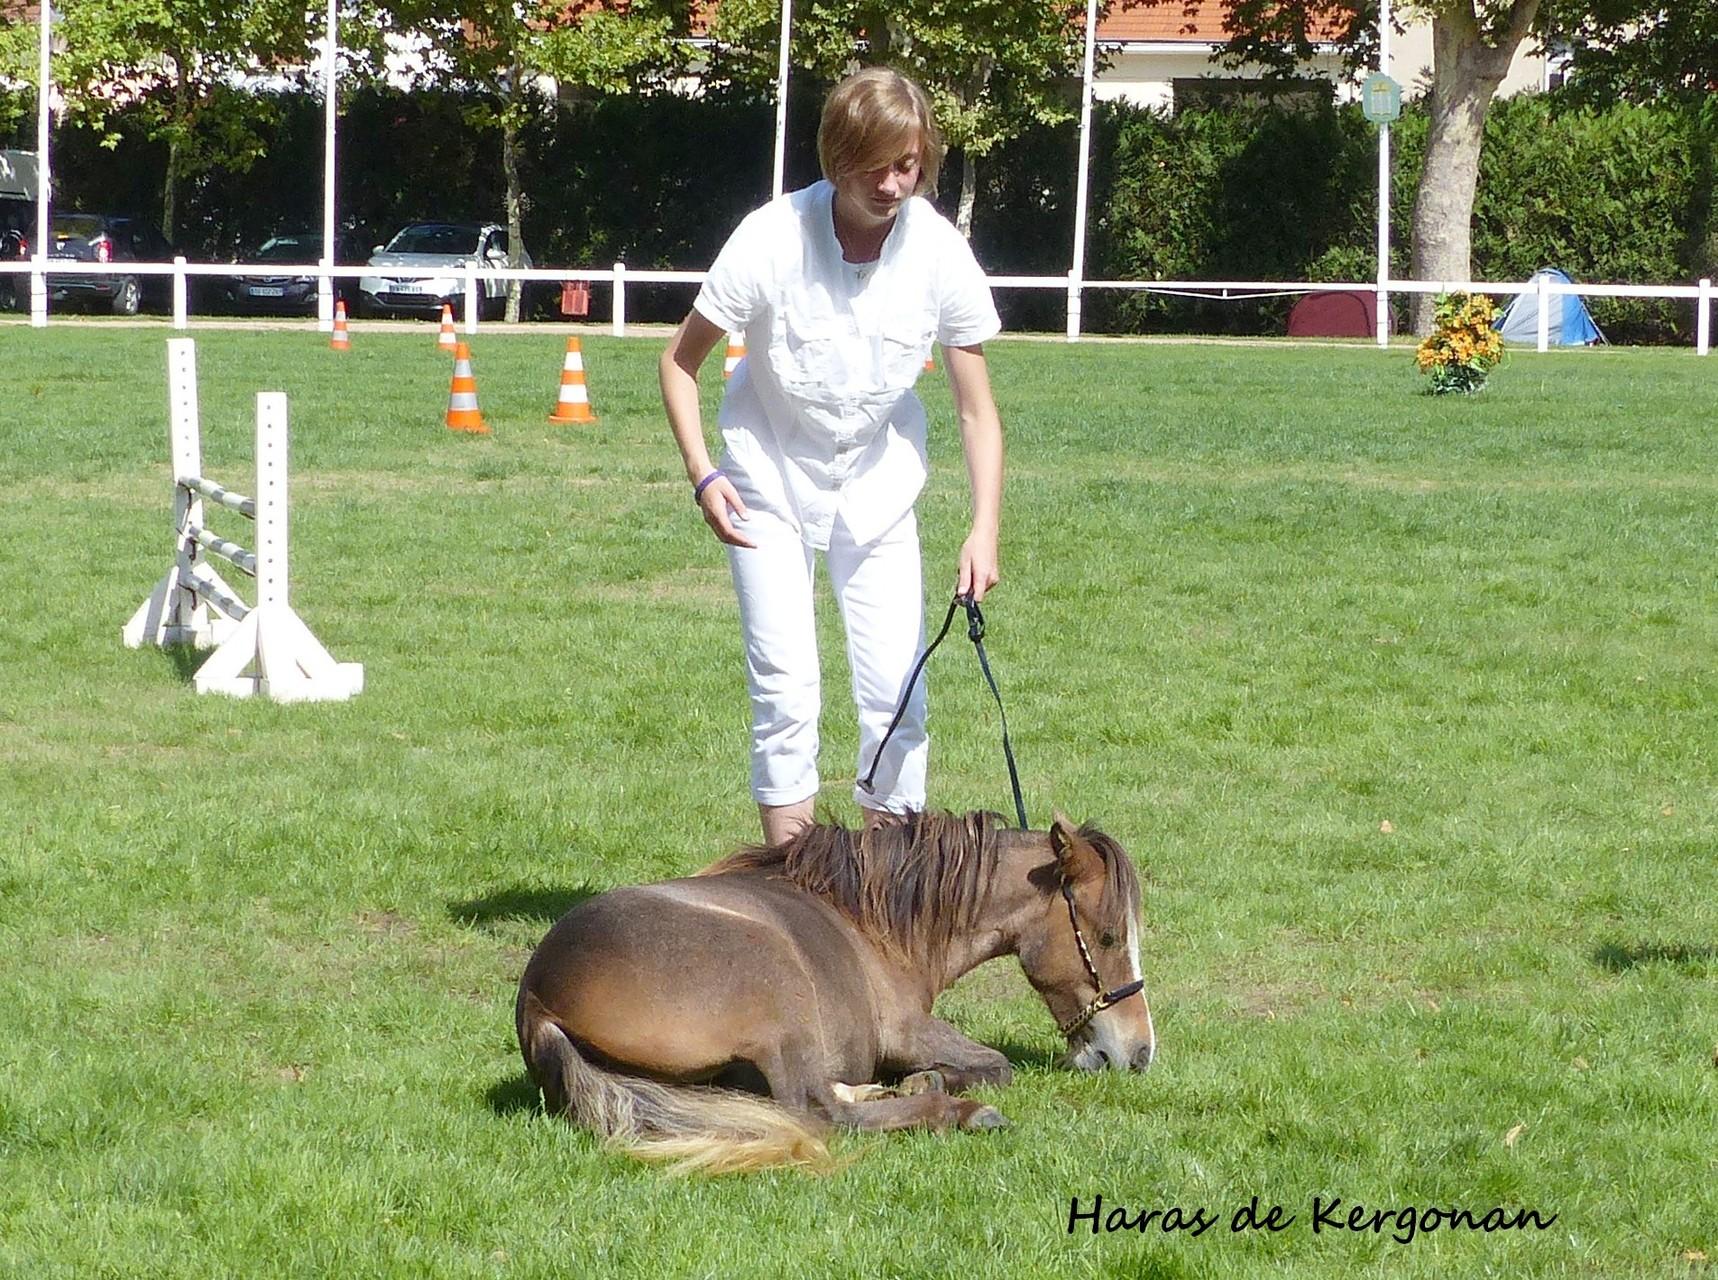 Et Moi de Kergonan à Vichy - Concours AFCM - Août 2015 - 16 mois